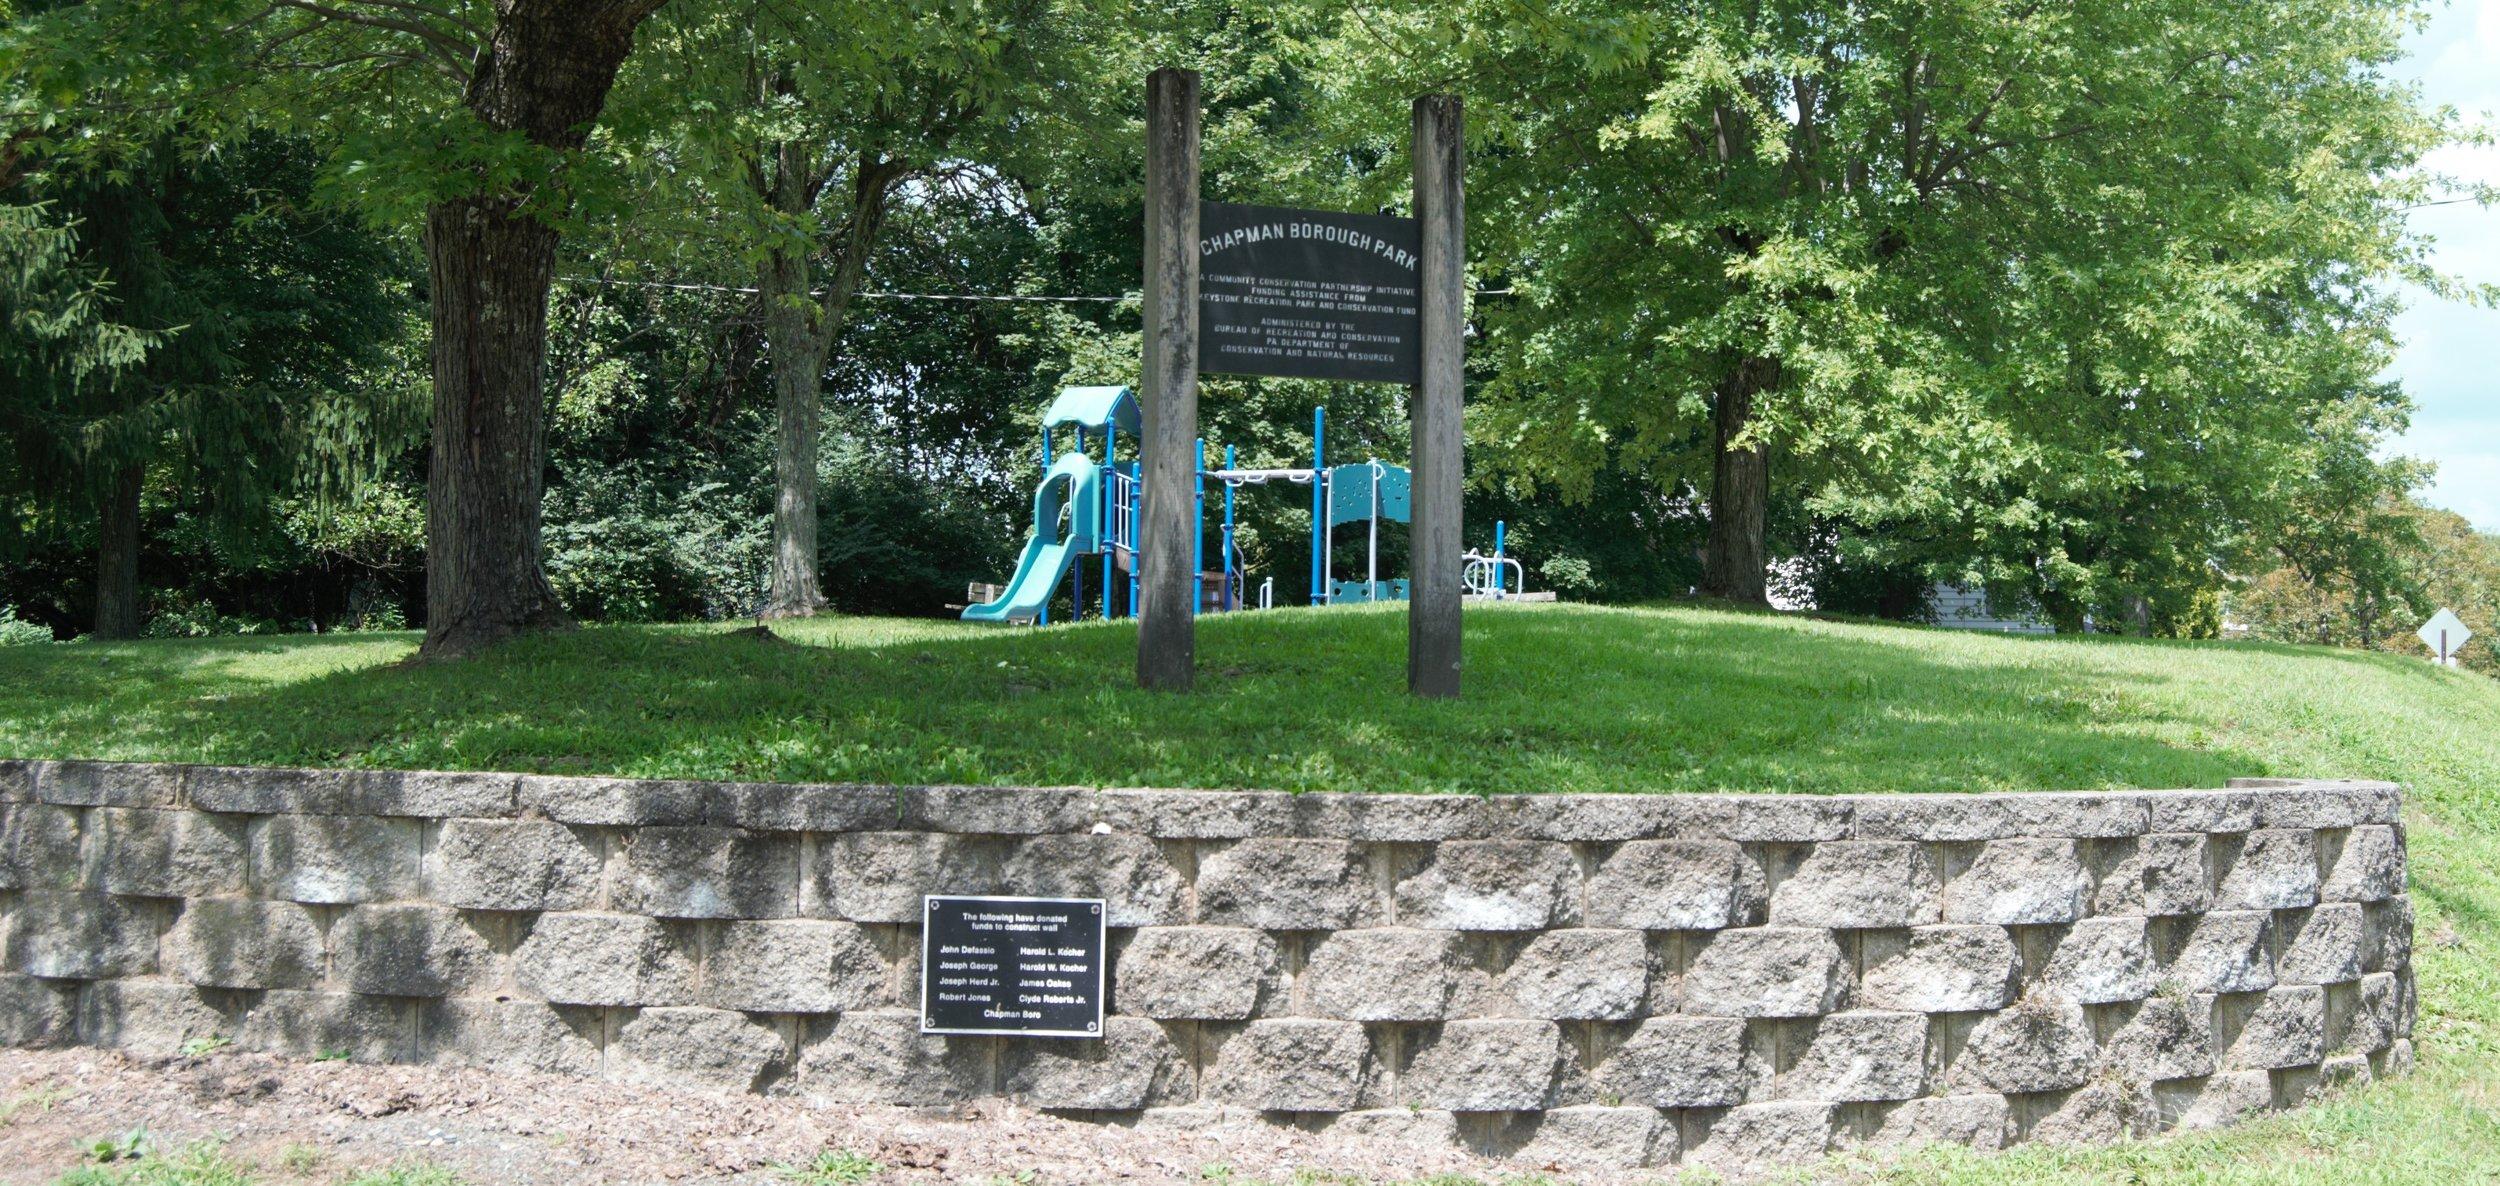 - Chapman Borough Park